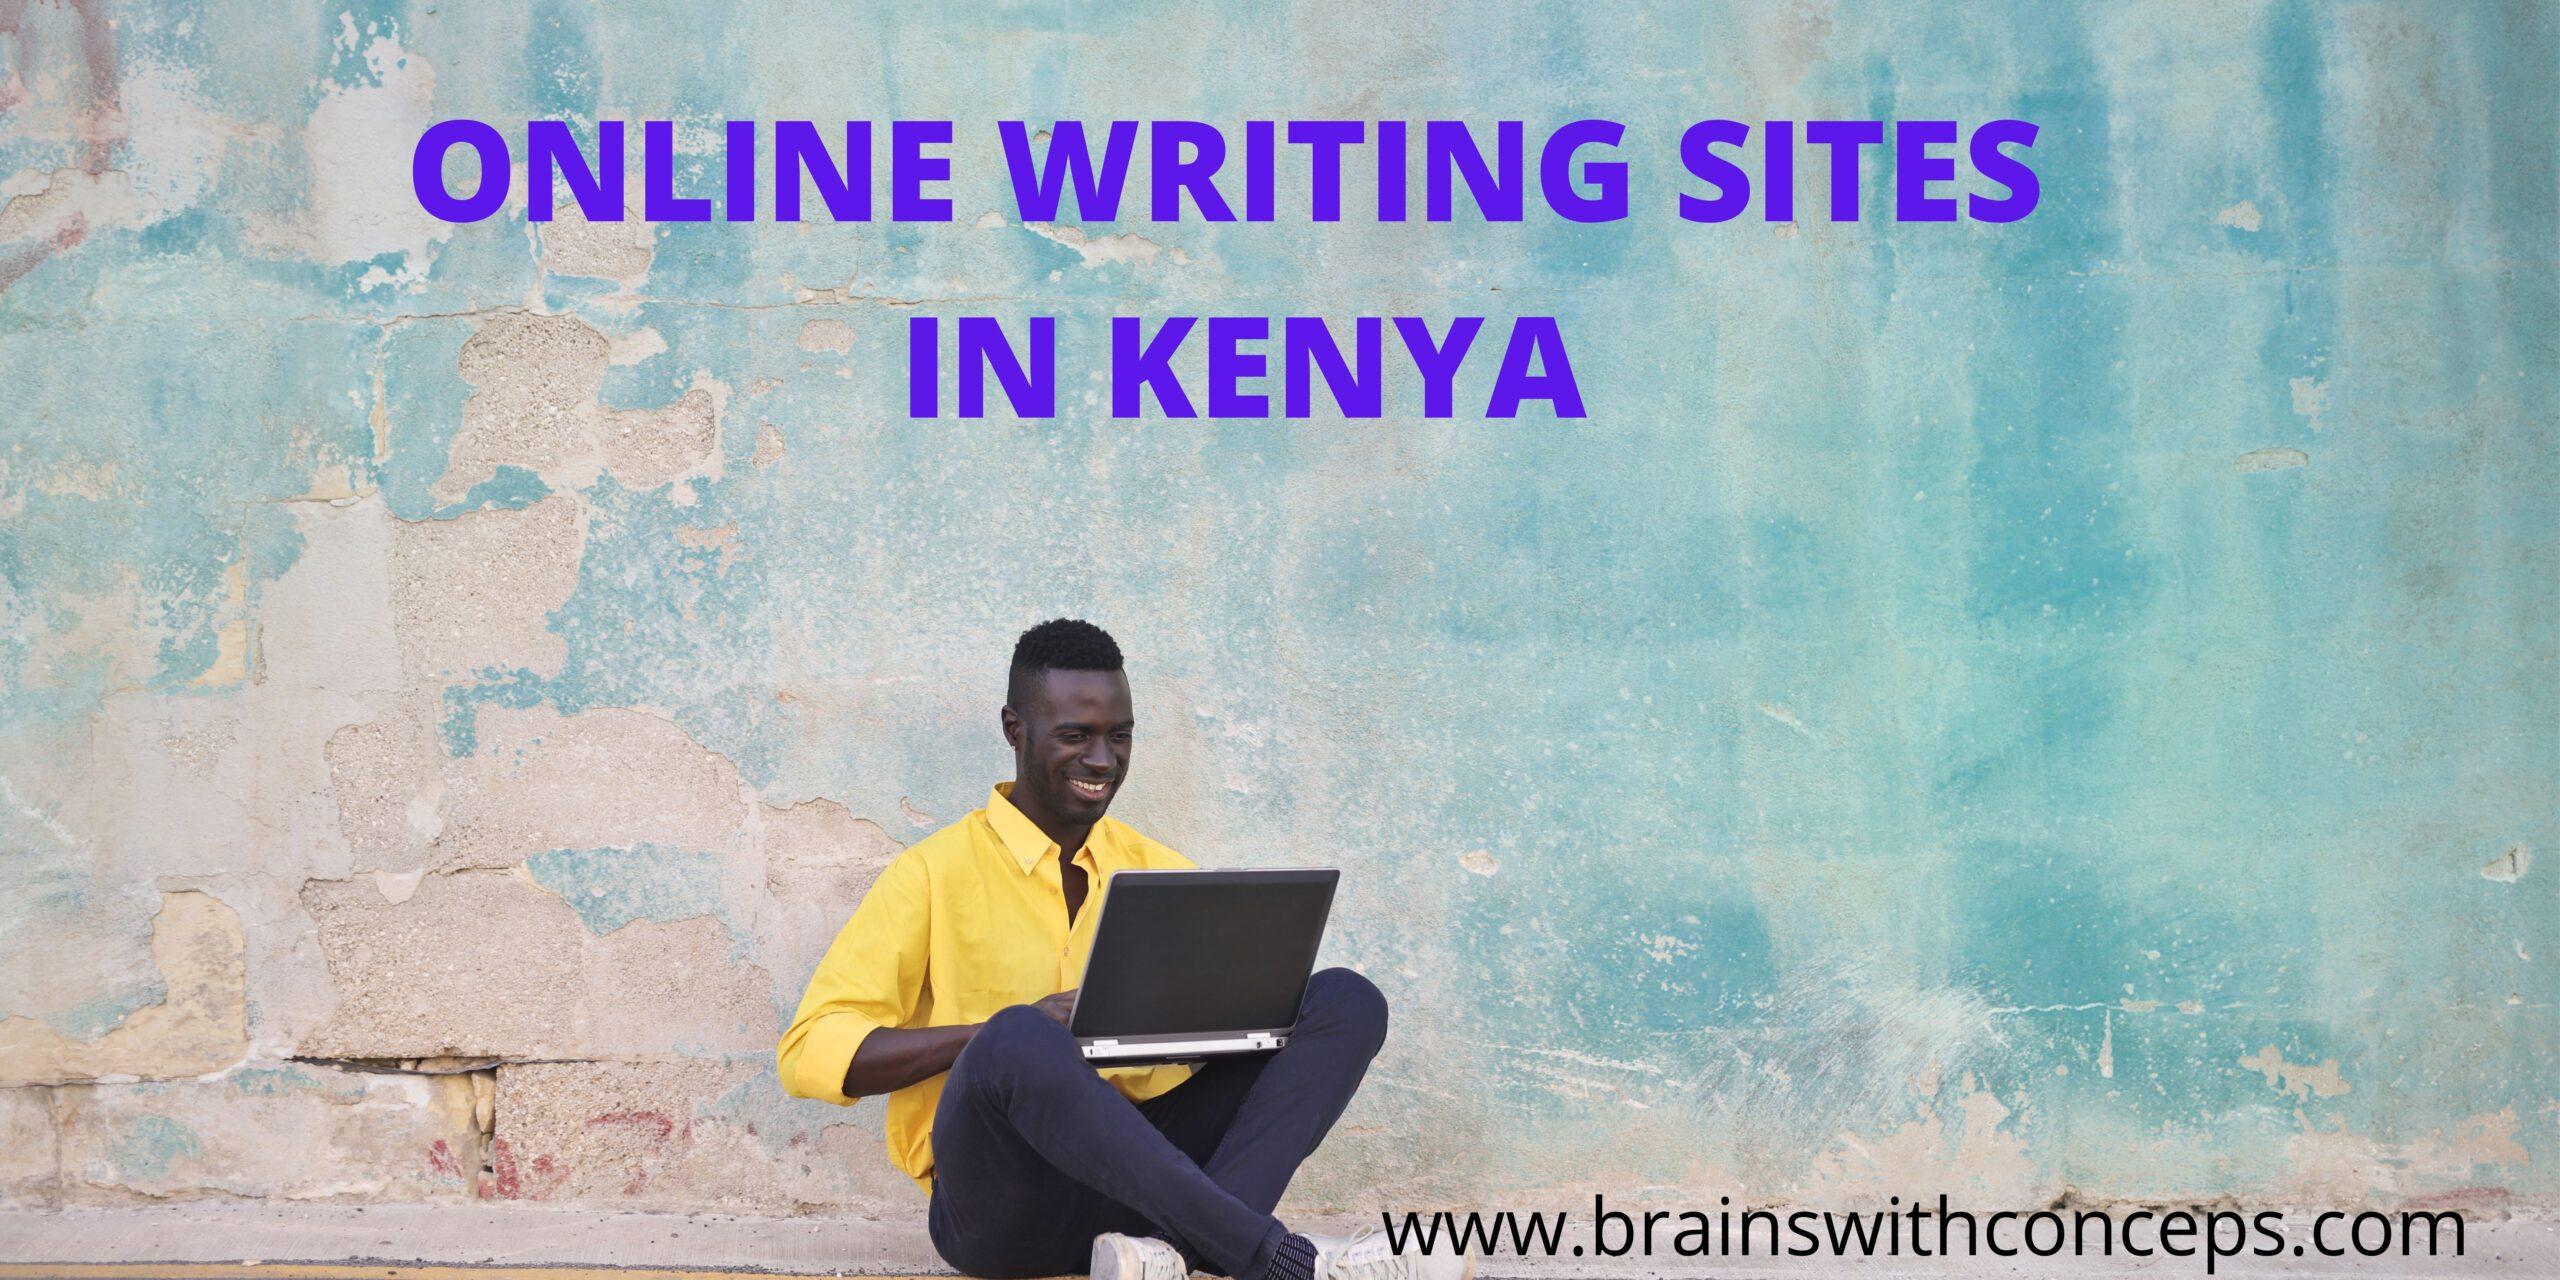 Online writing sites in Kenya